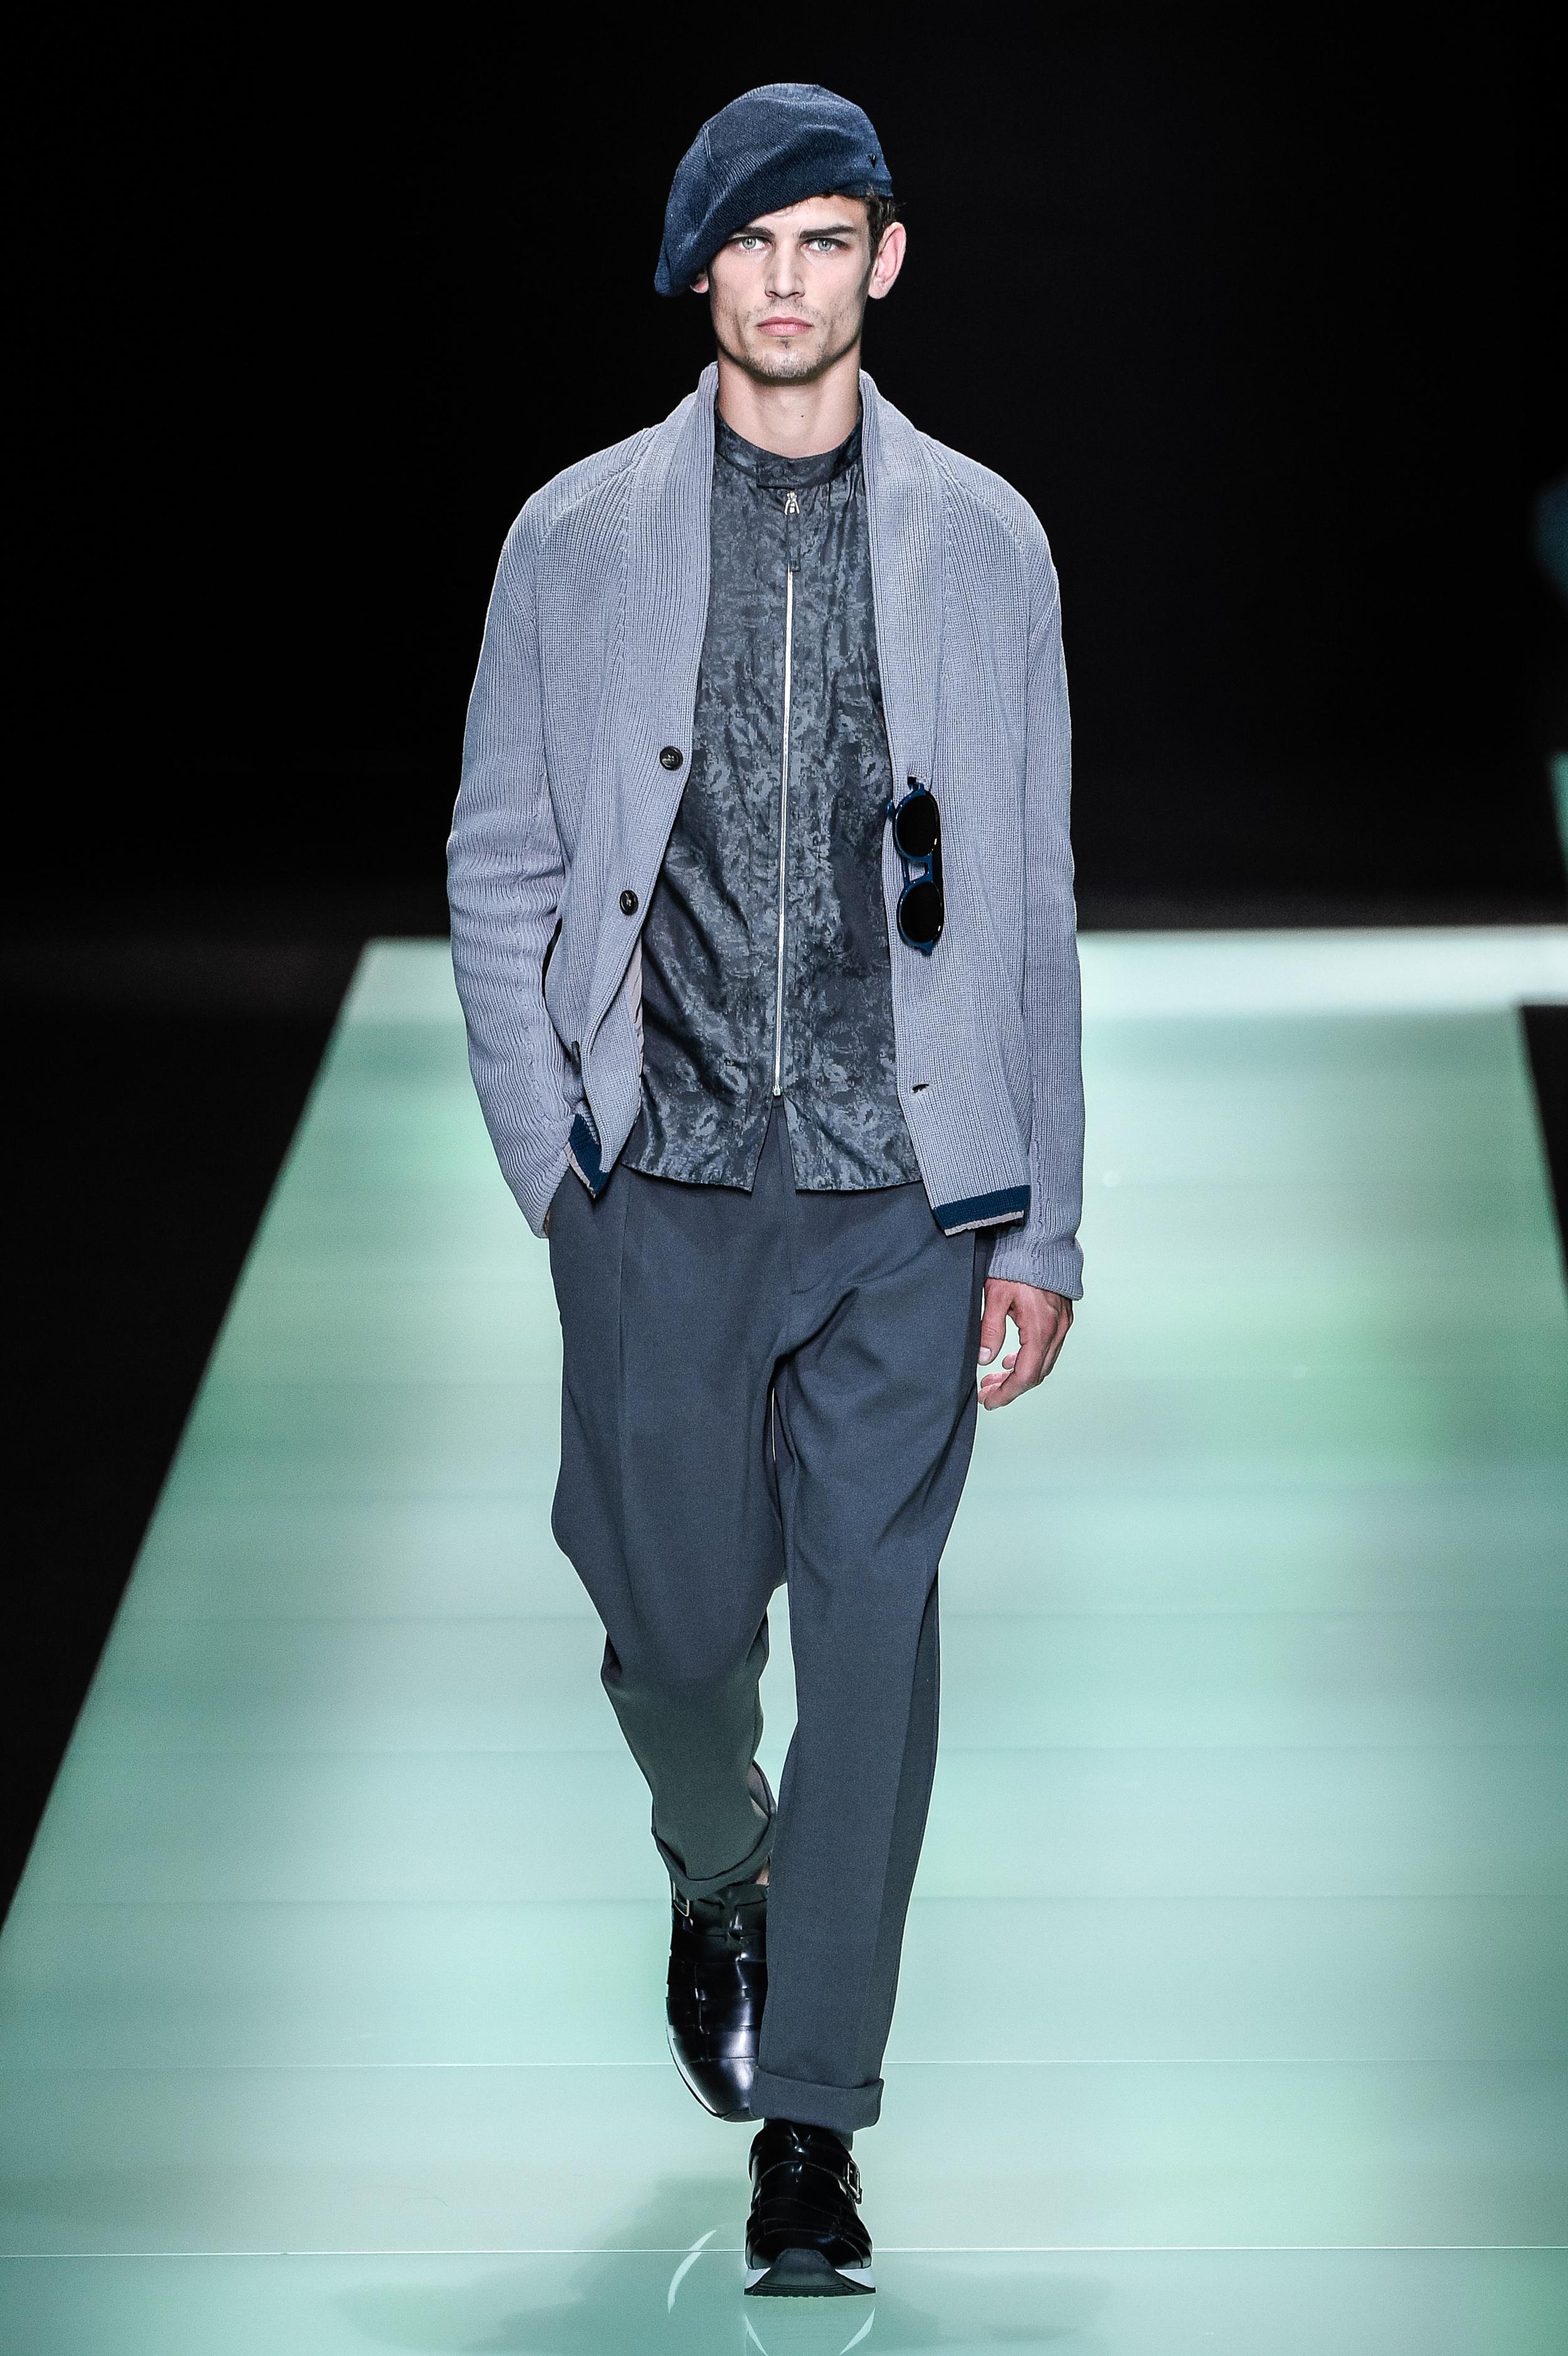 Milan Fashion Week: Ton in Ton-Look bei Emporio Armani mit passender Strickjacke (ddp images)